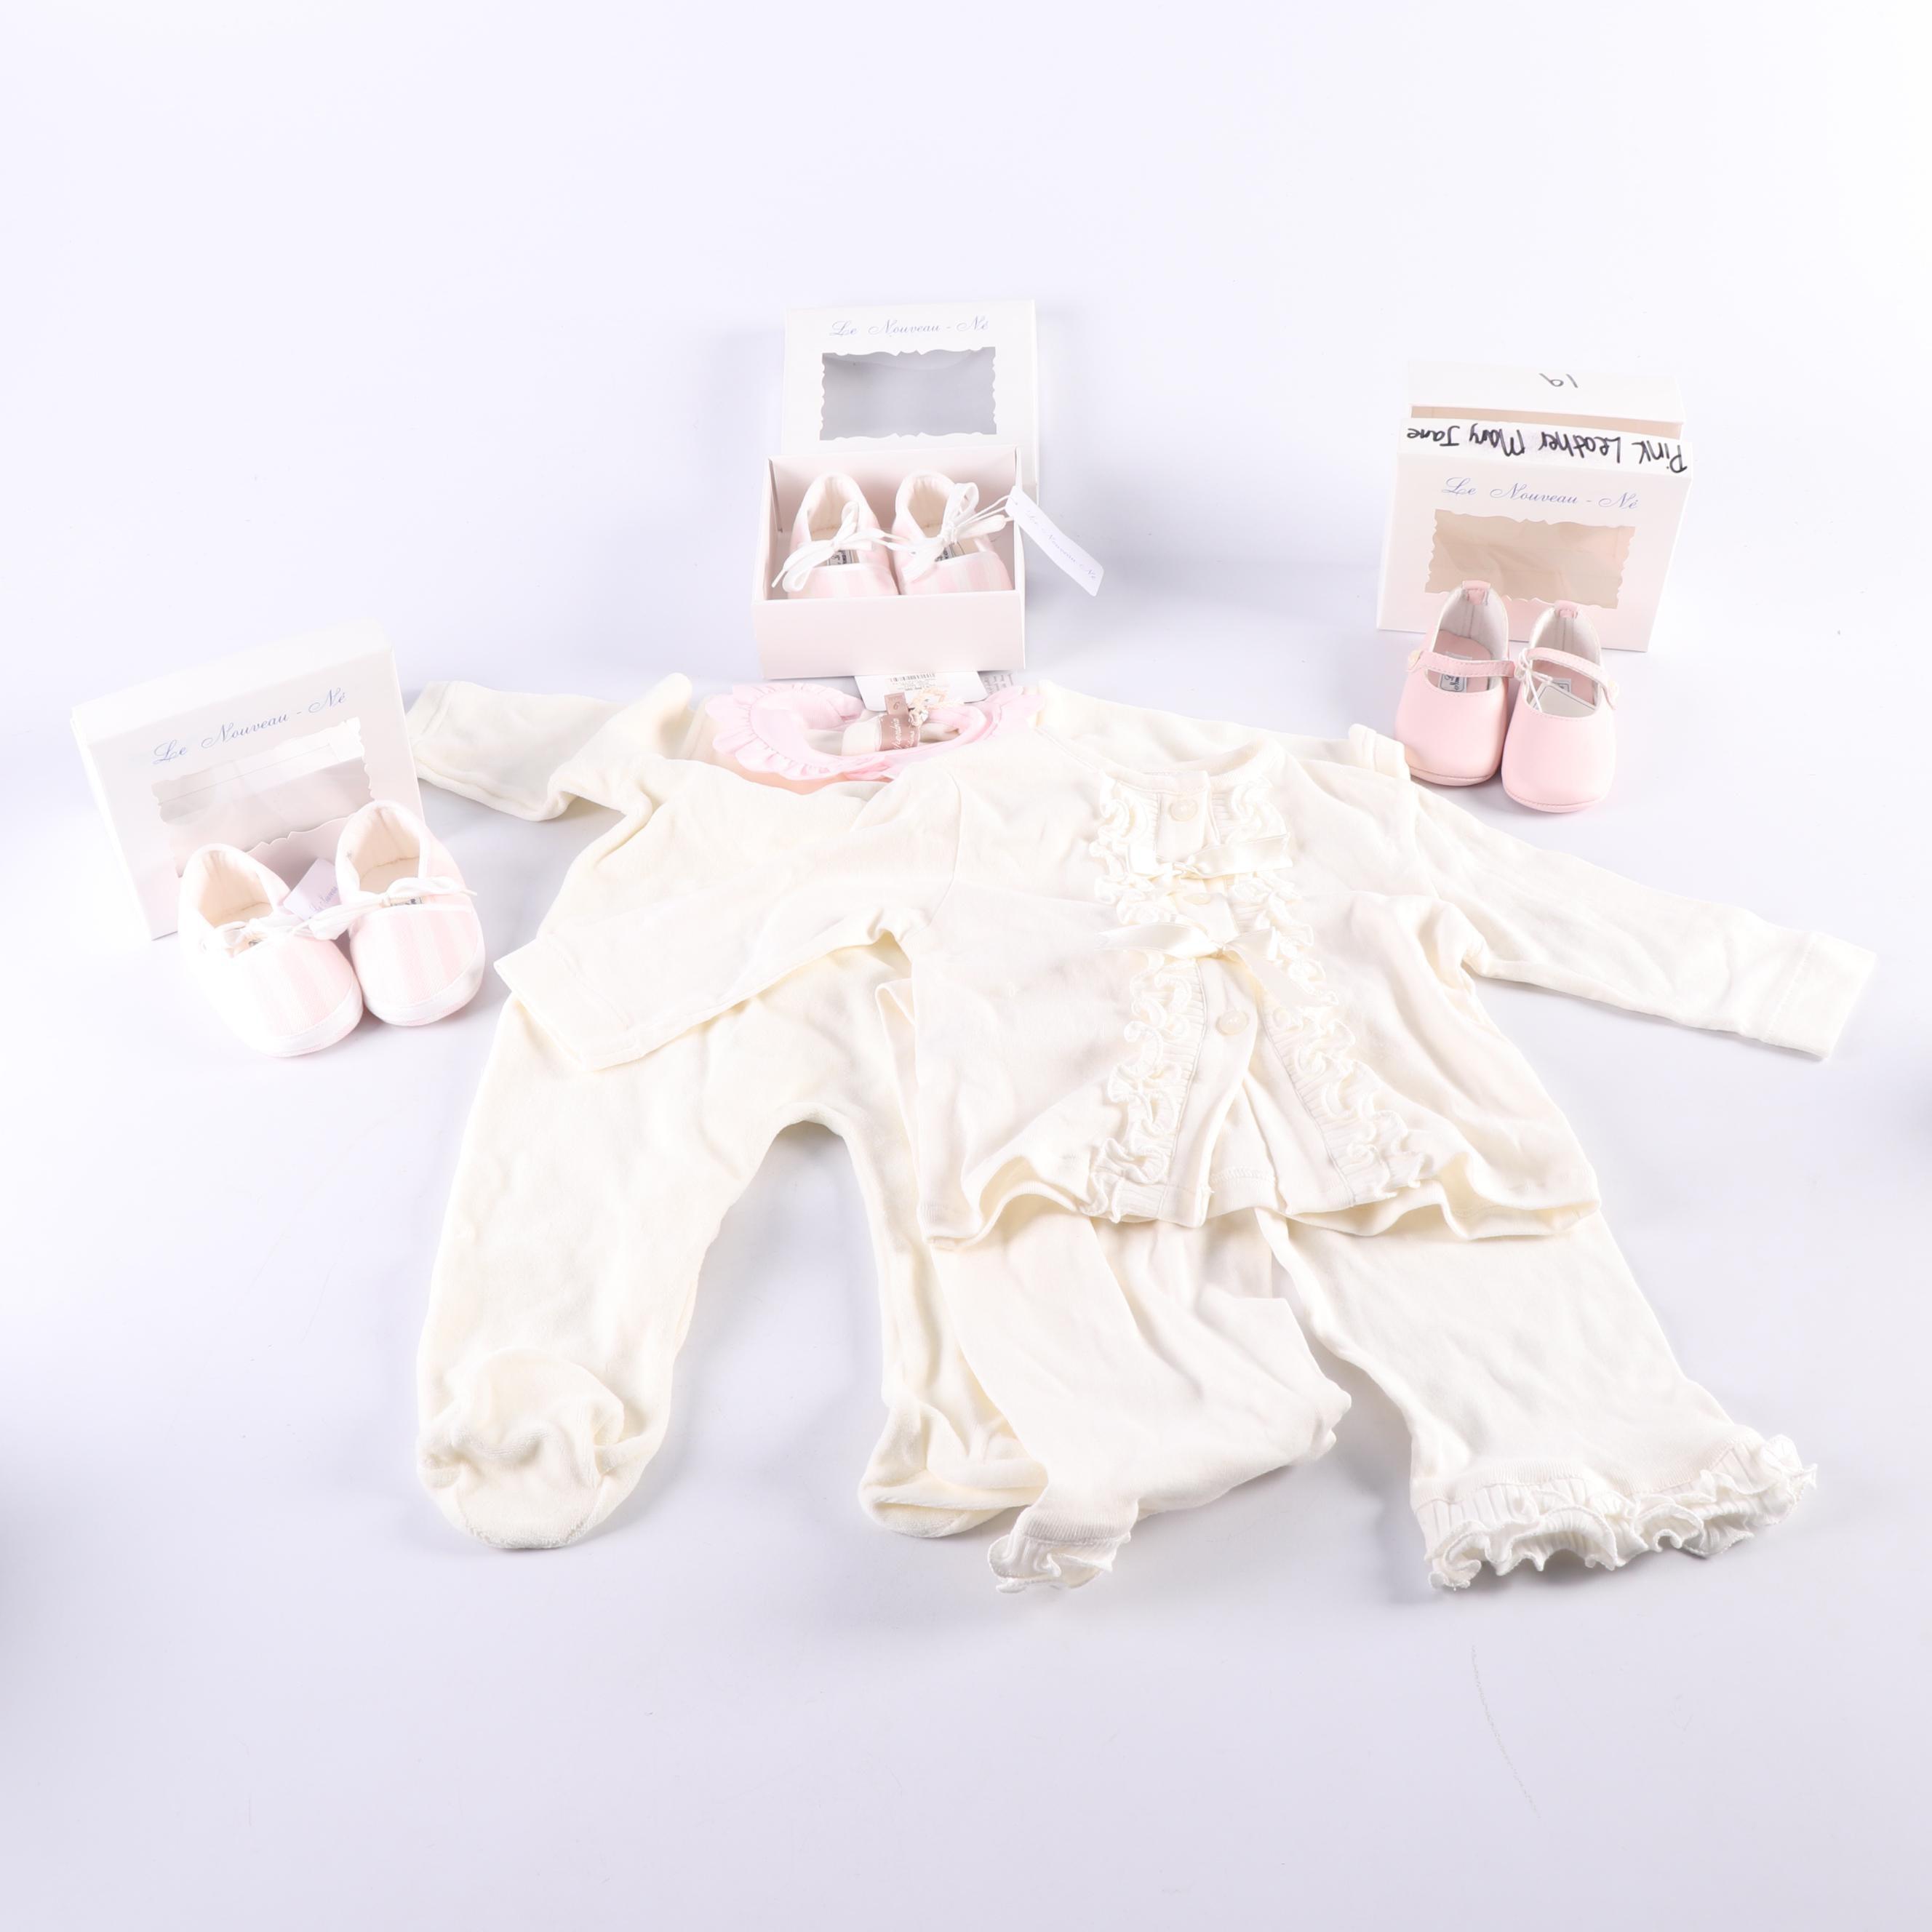 Infants' Odile and La Stupenderia Clothing and Le Nouveau-Nés Shoes